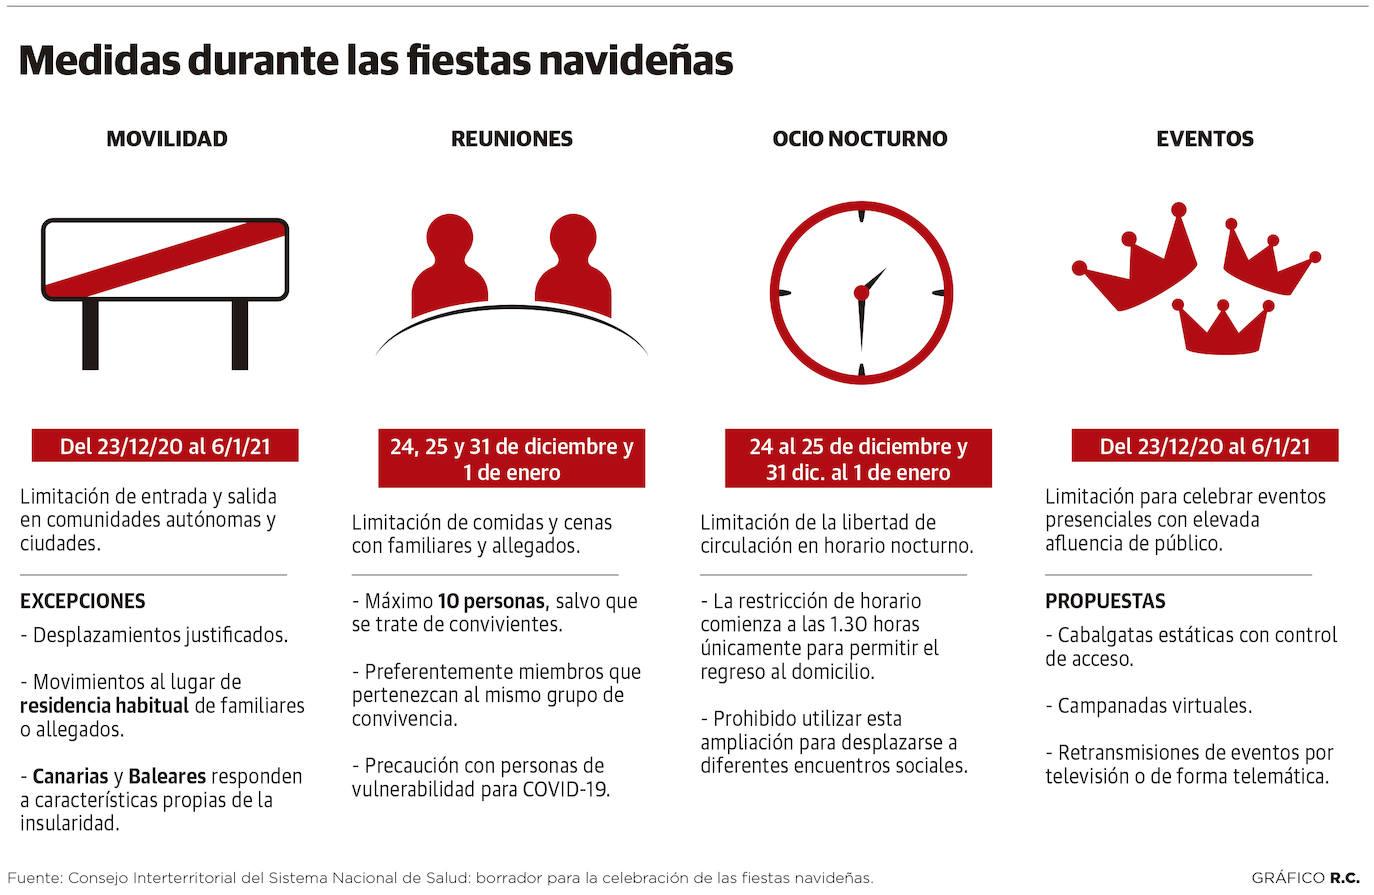 Coronavirus En Asturias Una Navidad Solo En Familia Con Toque De Queda Y Sin Cotillón El Comercio